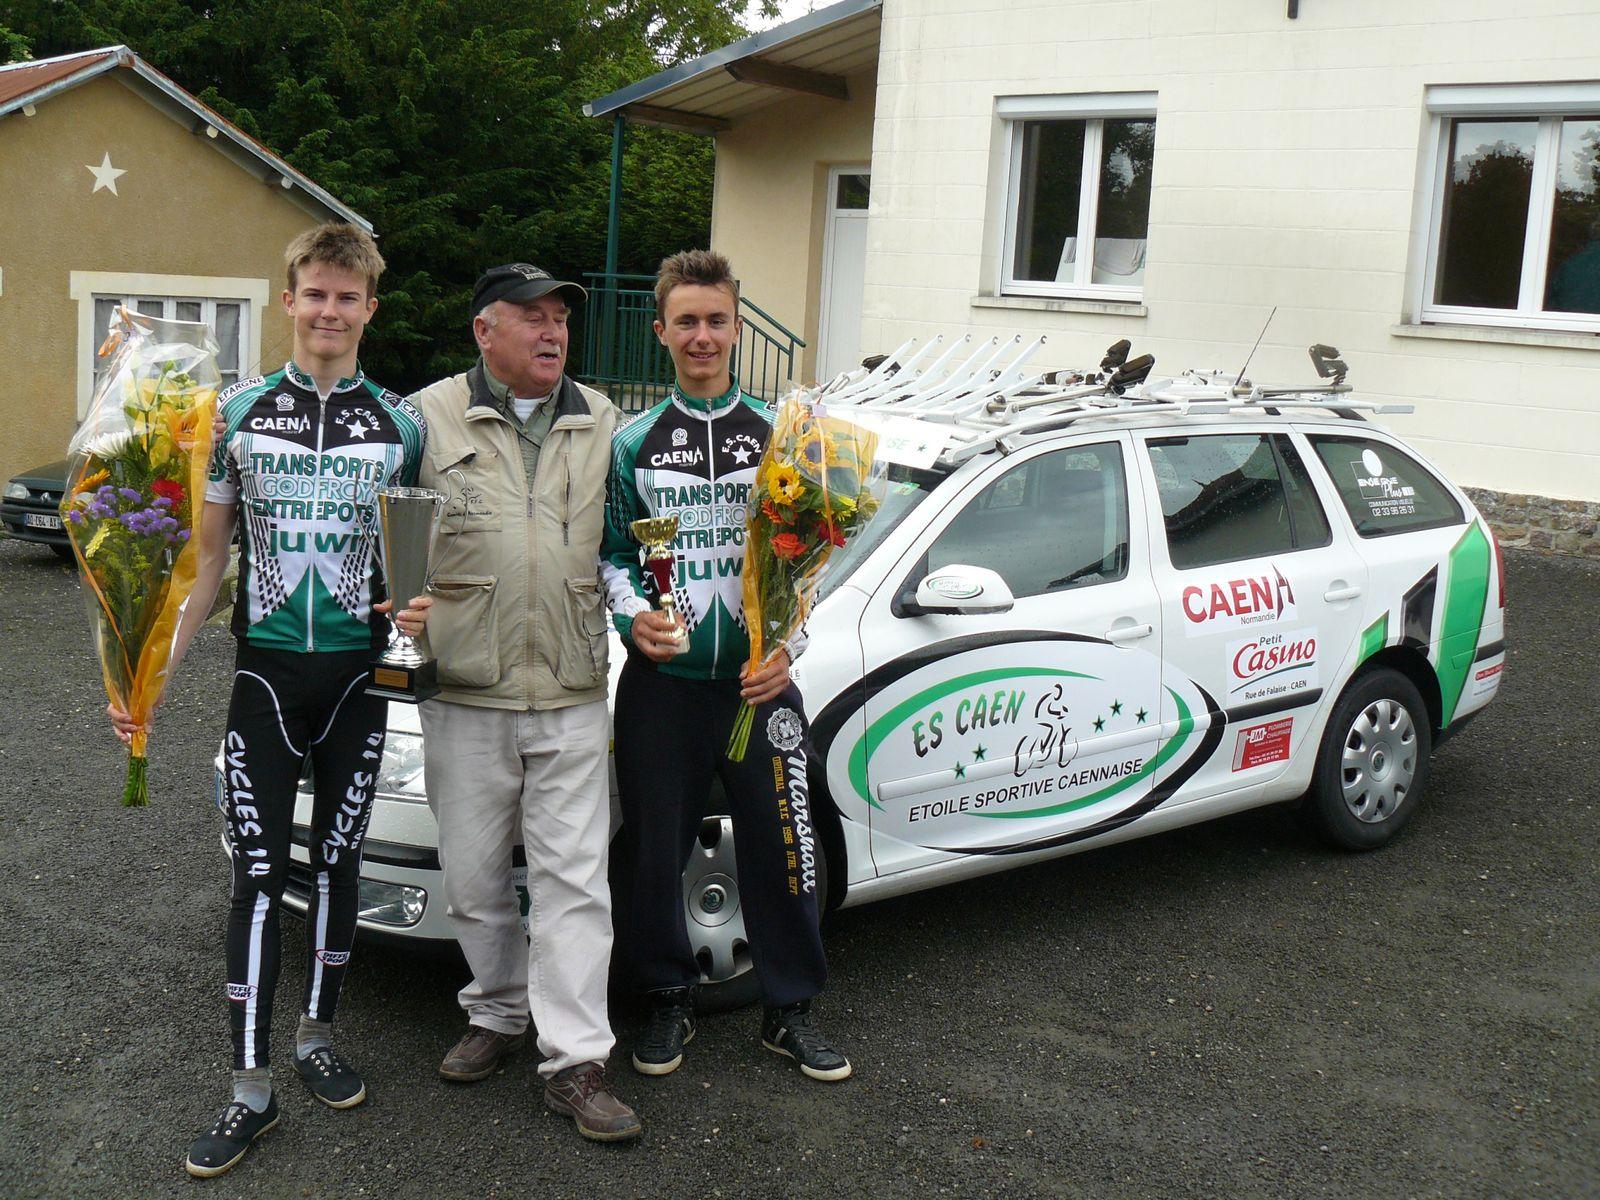 après la remise des récompenses, Grégoire Salmon, Théo Renauld et M. Martin devant la nouvelle voiture du club, superbement décorée (merci Olivier Bazin !)